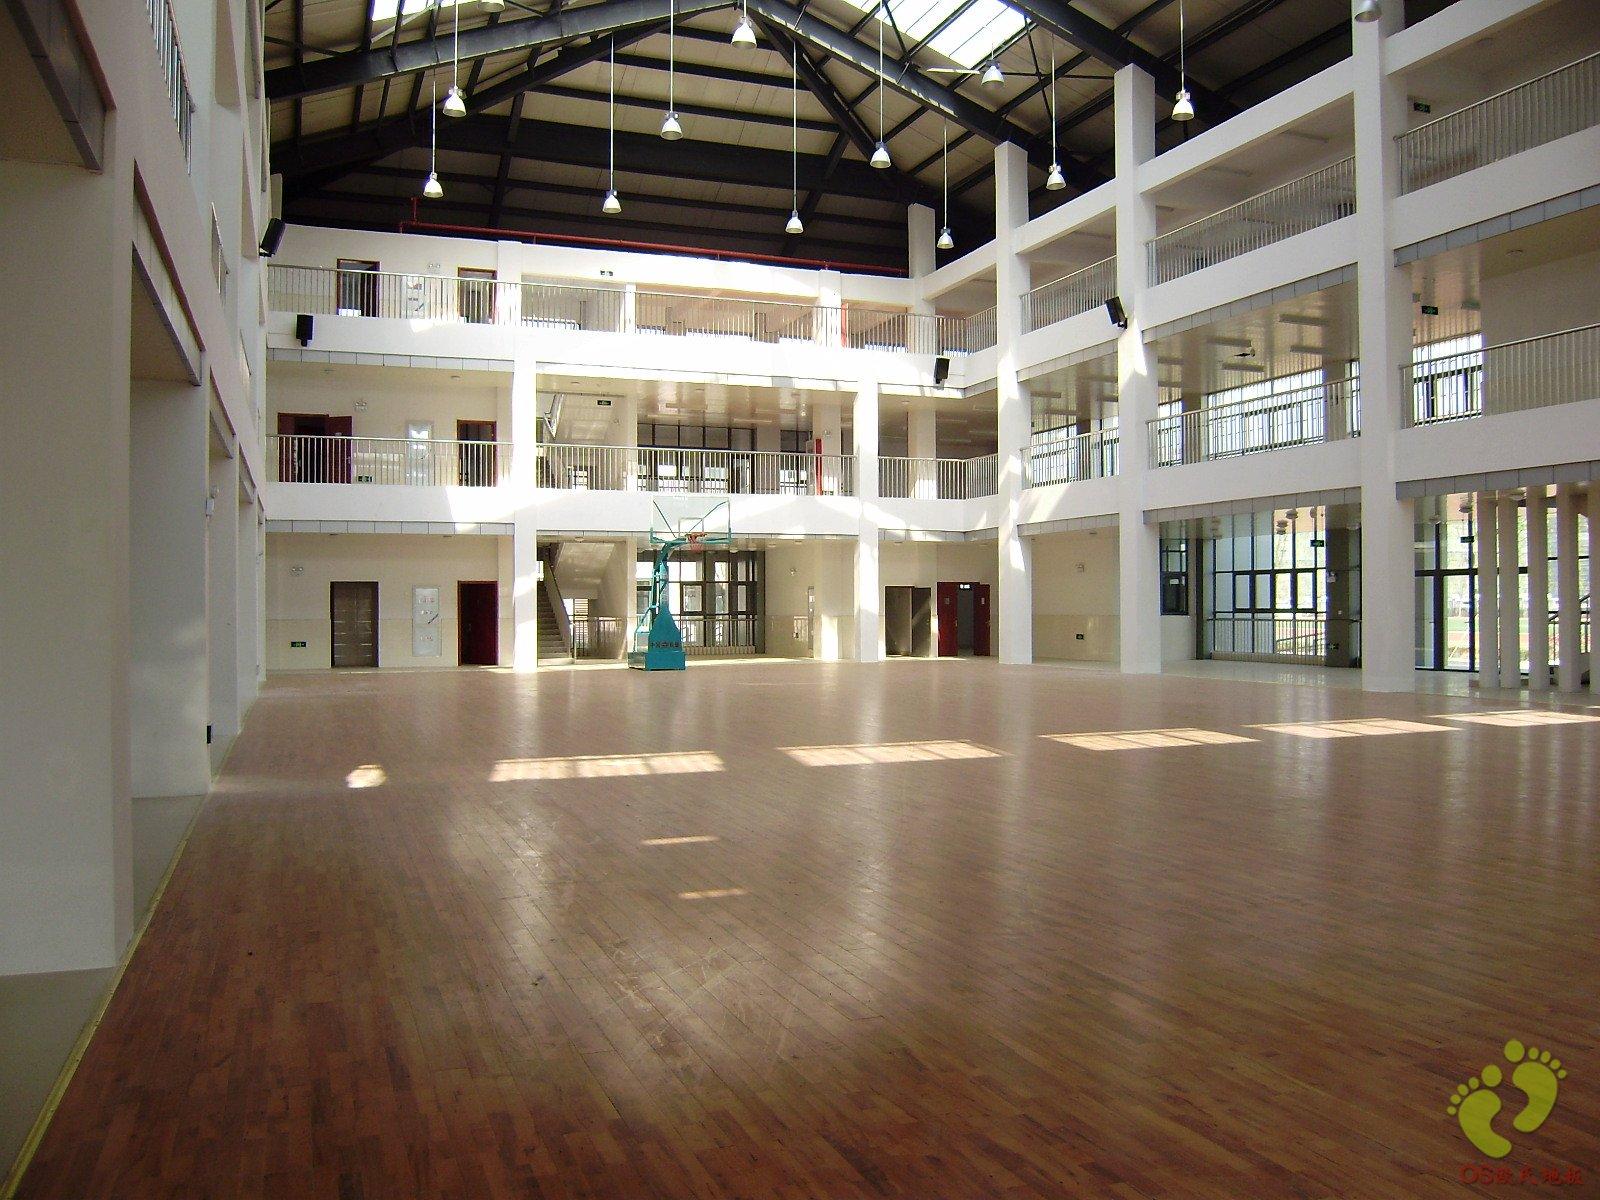 镇江大路中学篮球馆木地板铺设